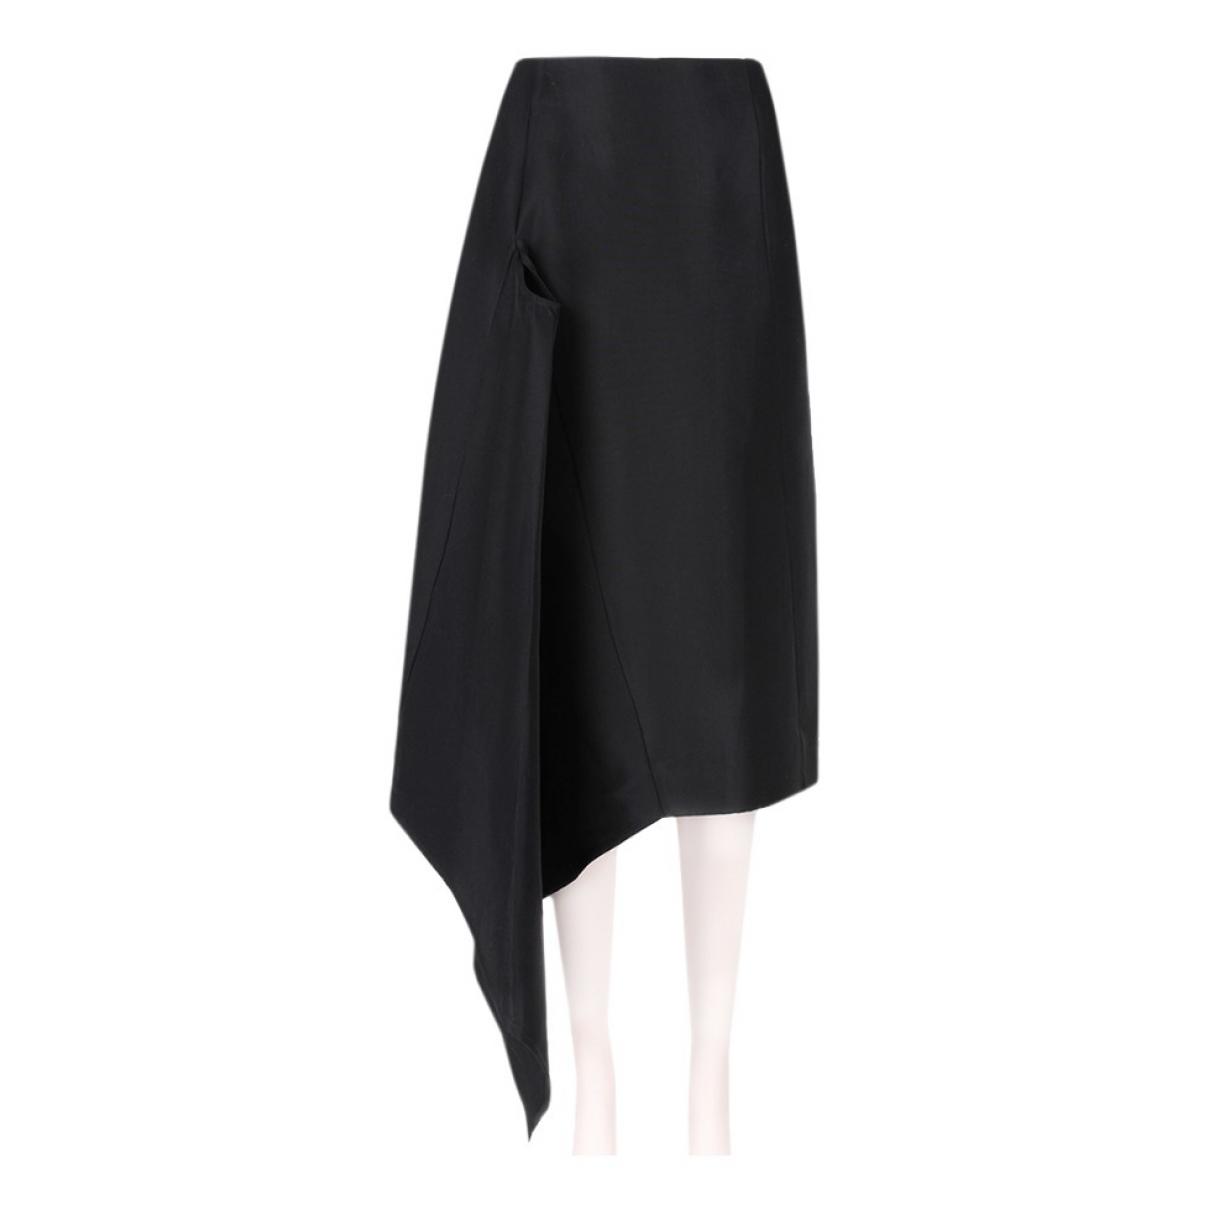 J.w. Anderson \N Black Silk skirt for Women 40 IT